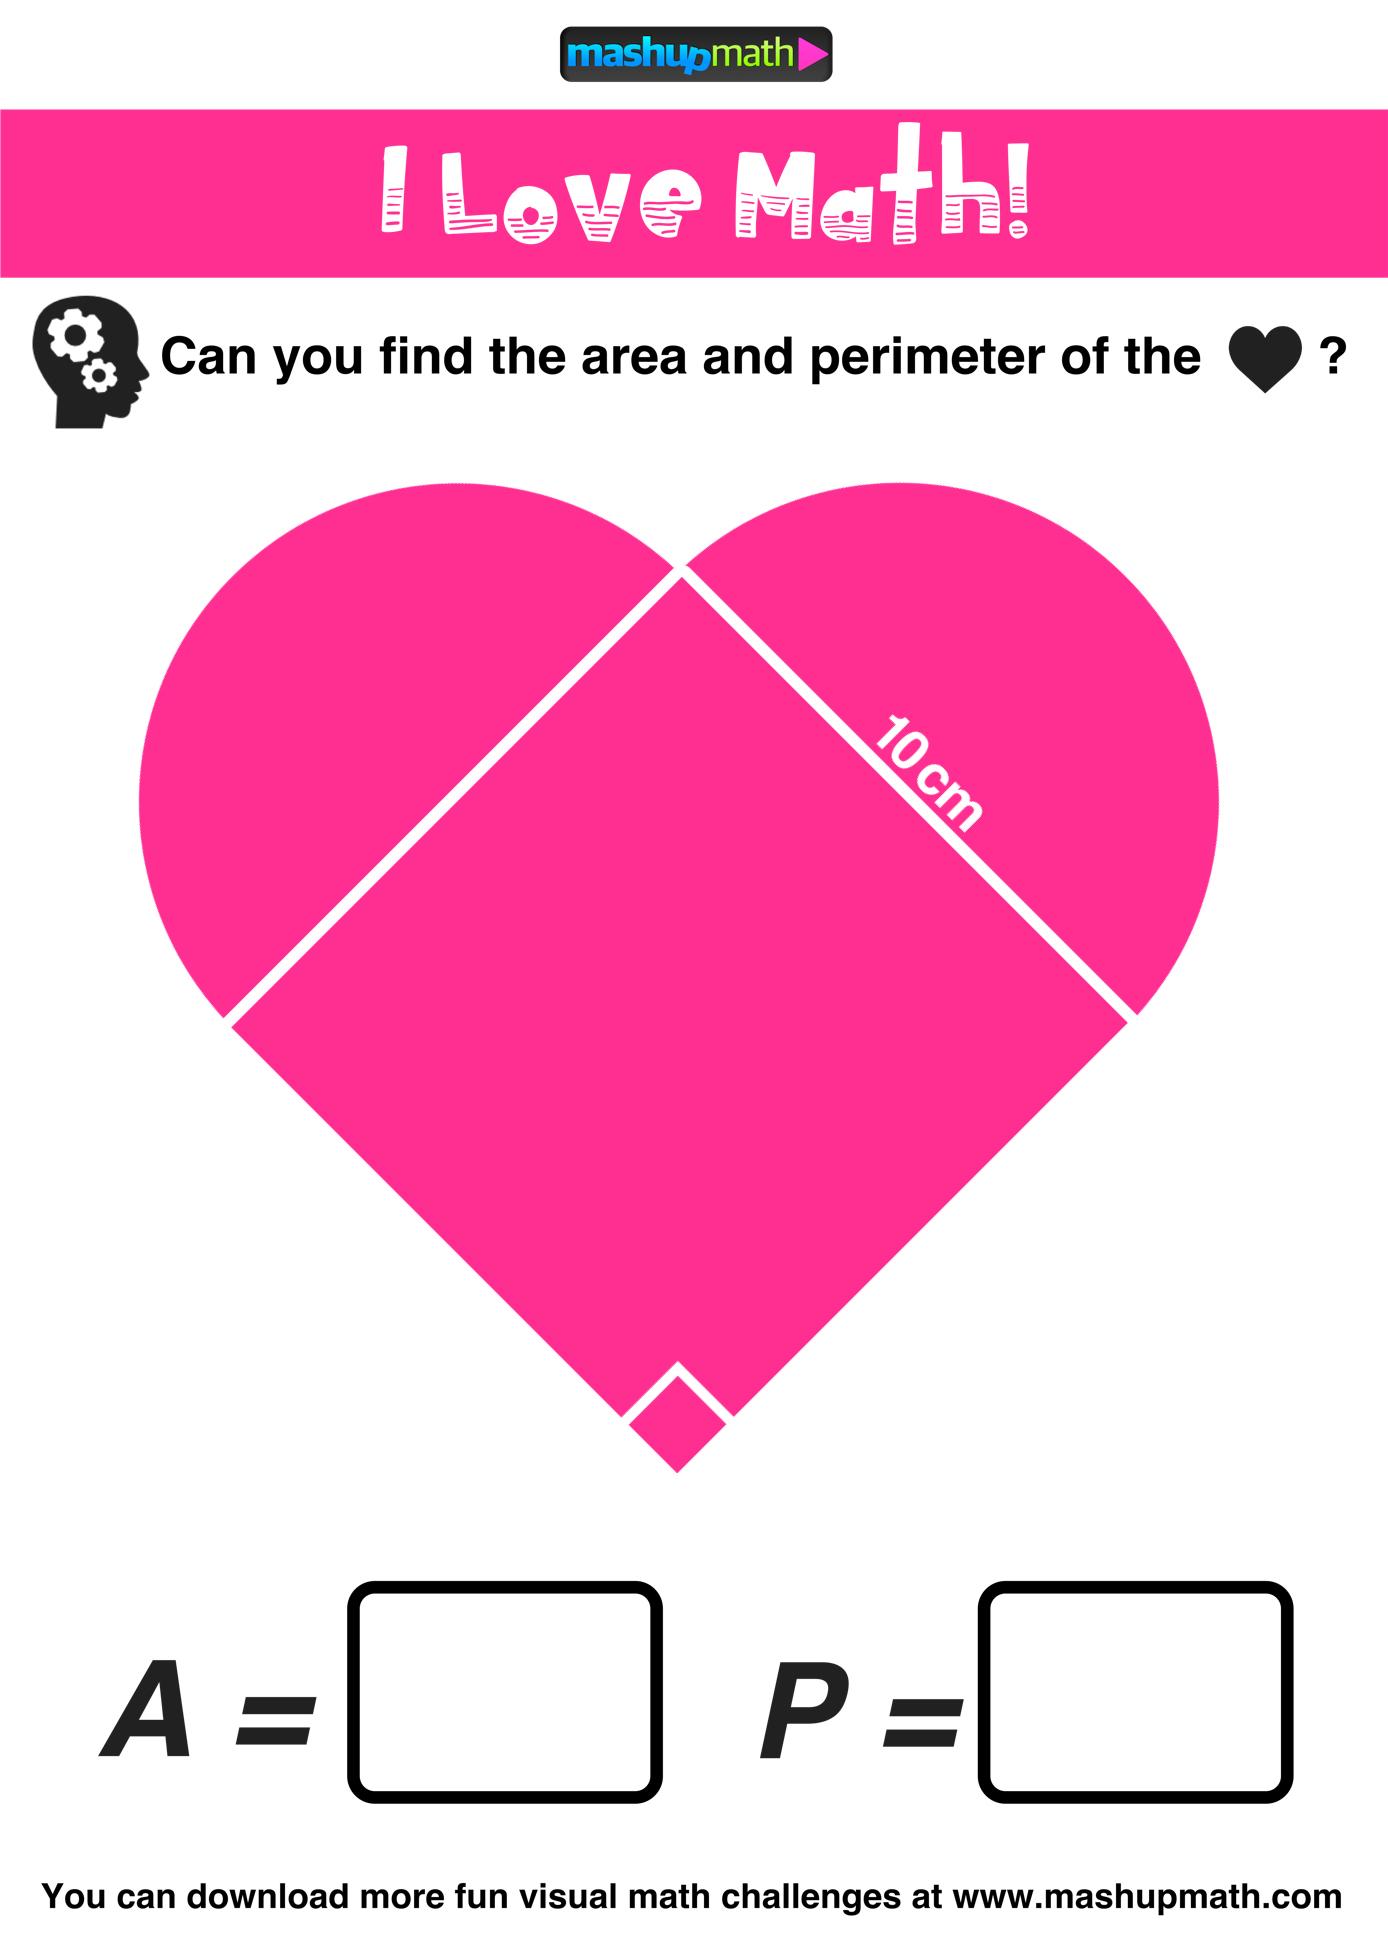 ValentinesDayChallenge.jpg